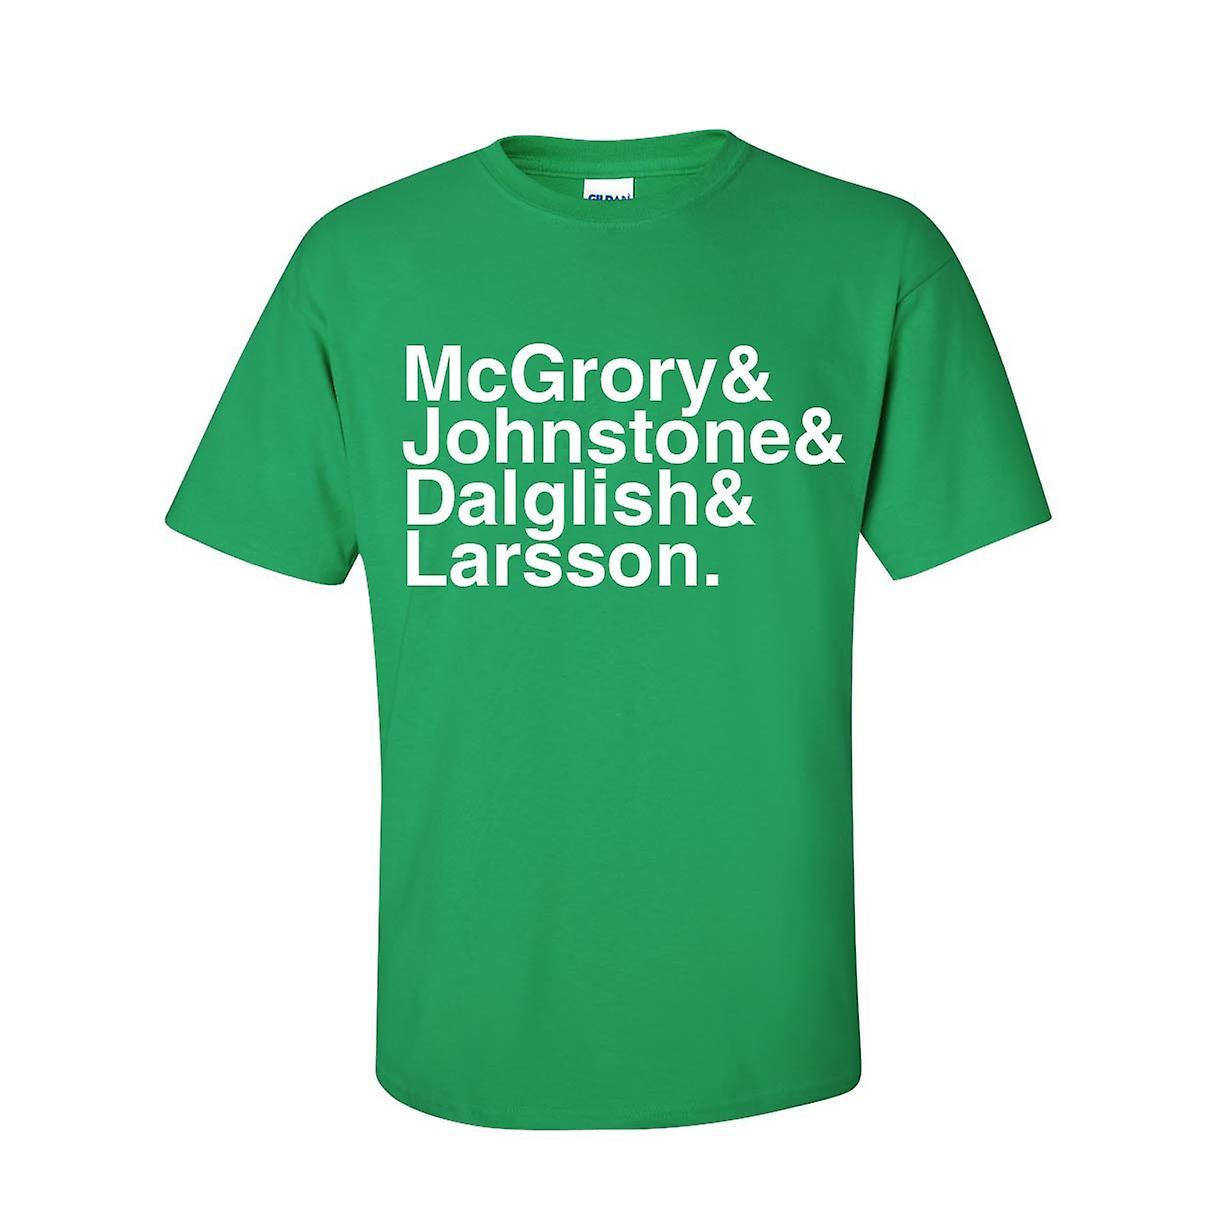 सेल्टिक फुटबॉल किंवदंतियों टी शर्ट (हरा)